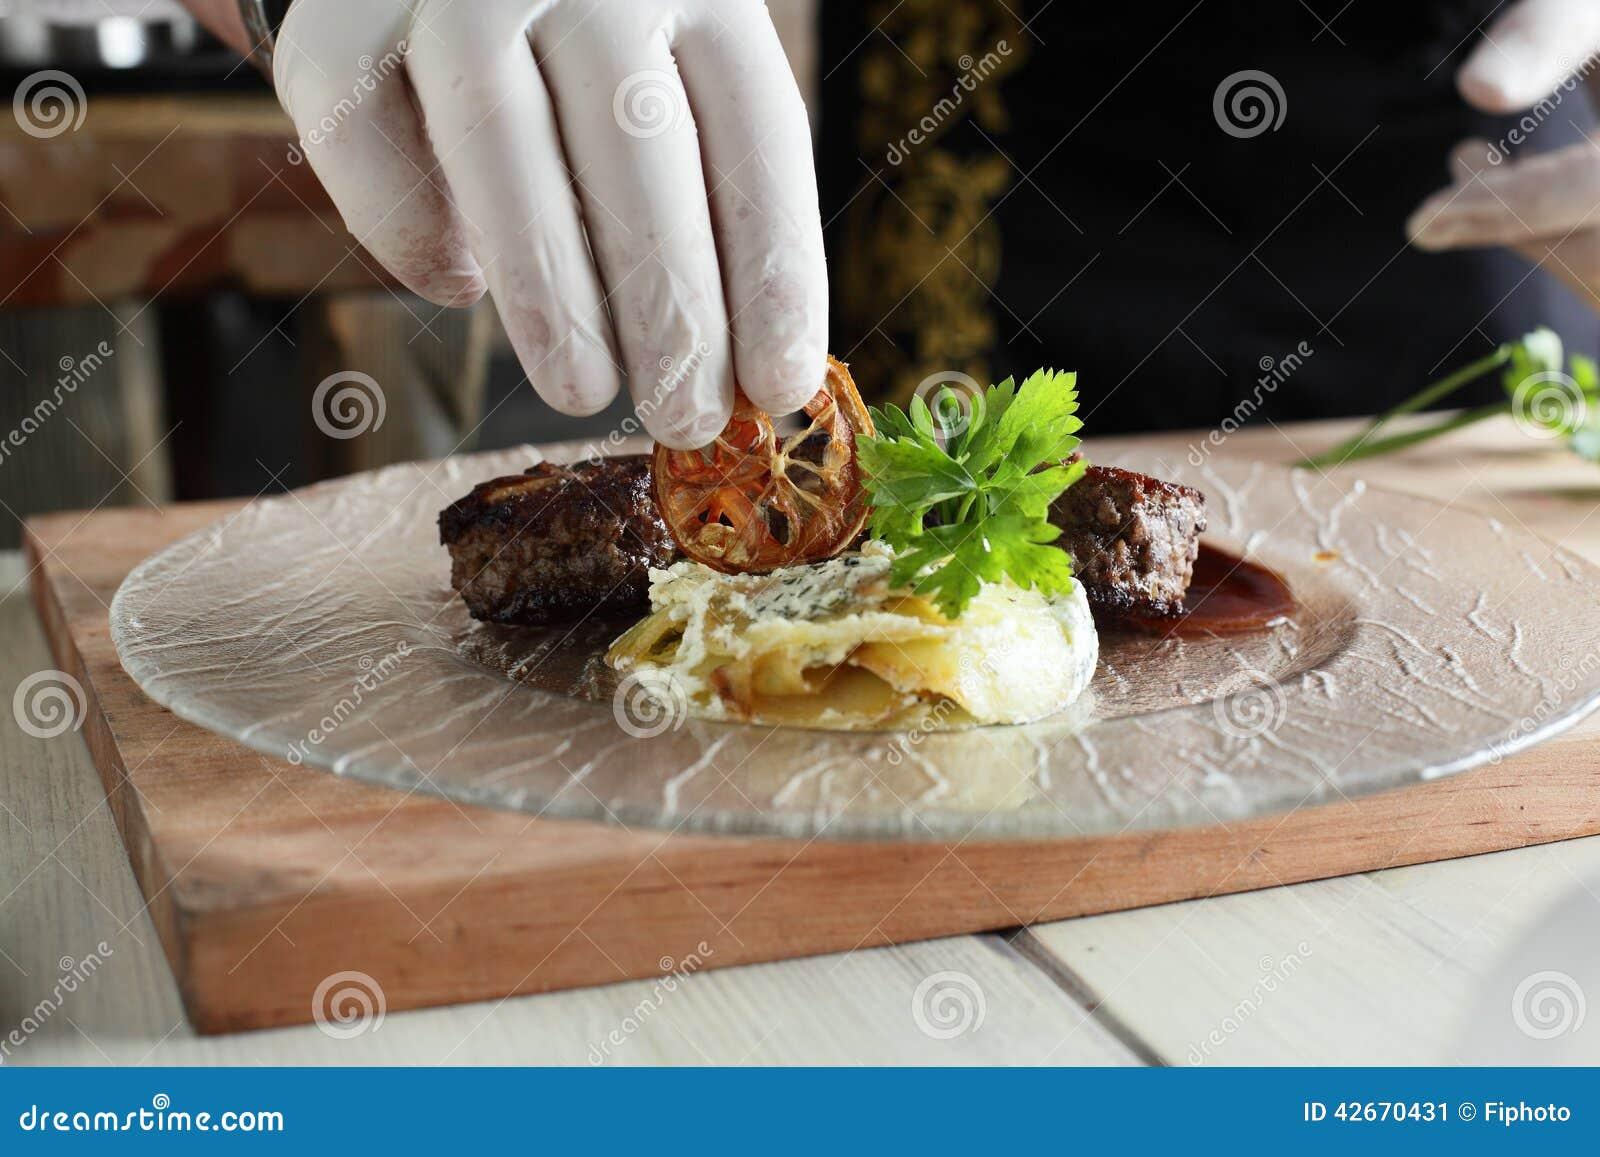 Proceso de cocinar en una cocina foto de archivo imagen - Cocinas de cocinar ...